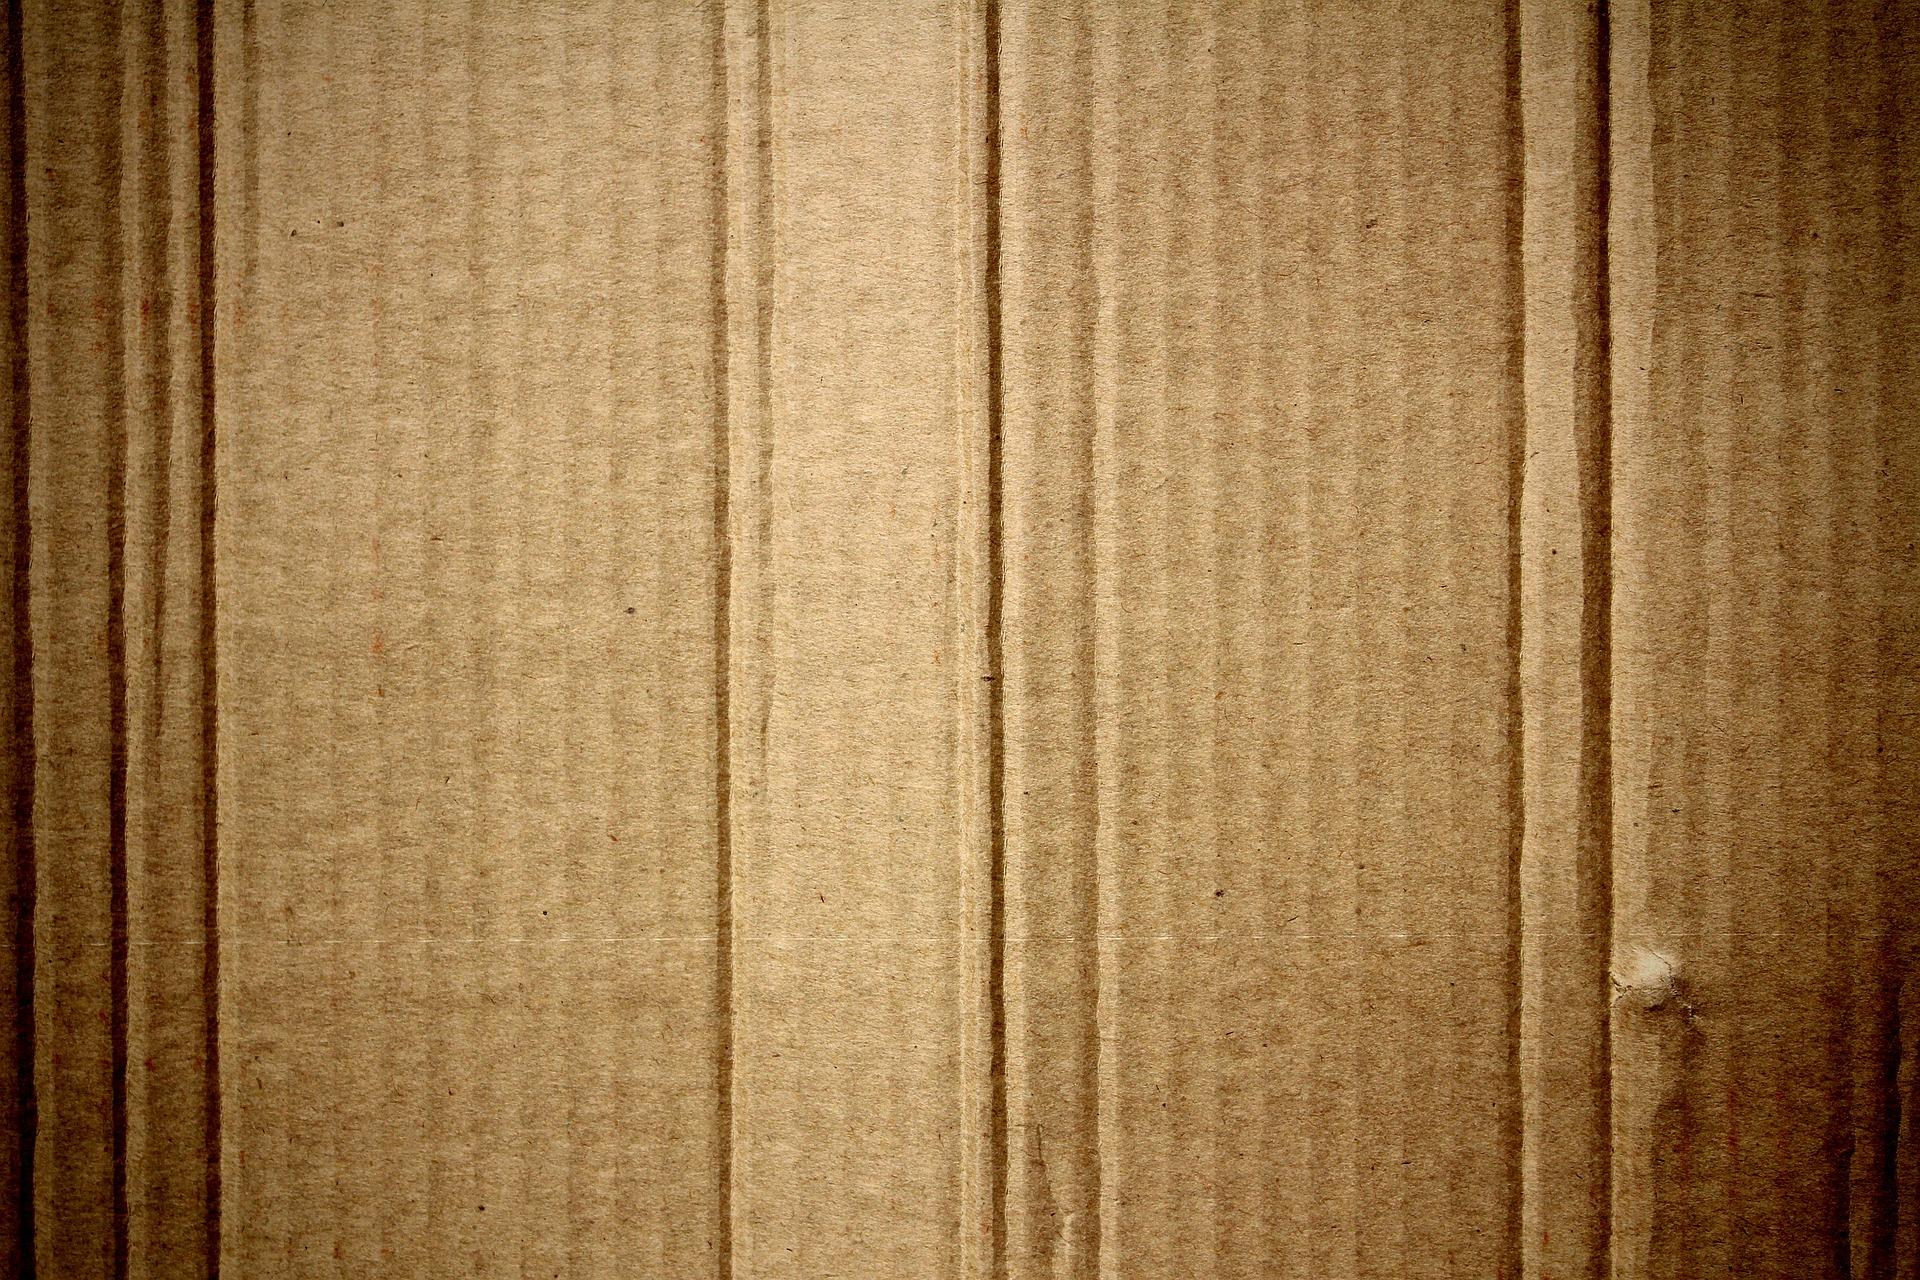 El cartón ondulado, leitmotiv hacia la economía circular